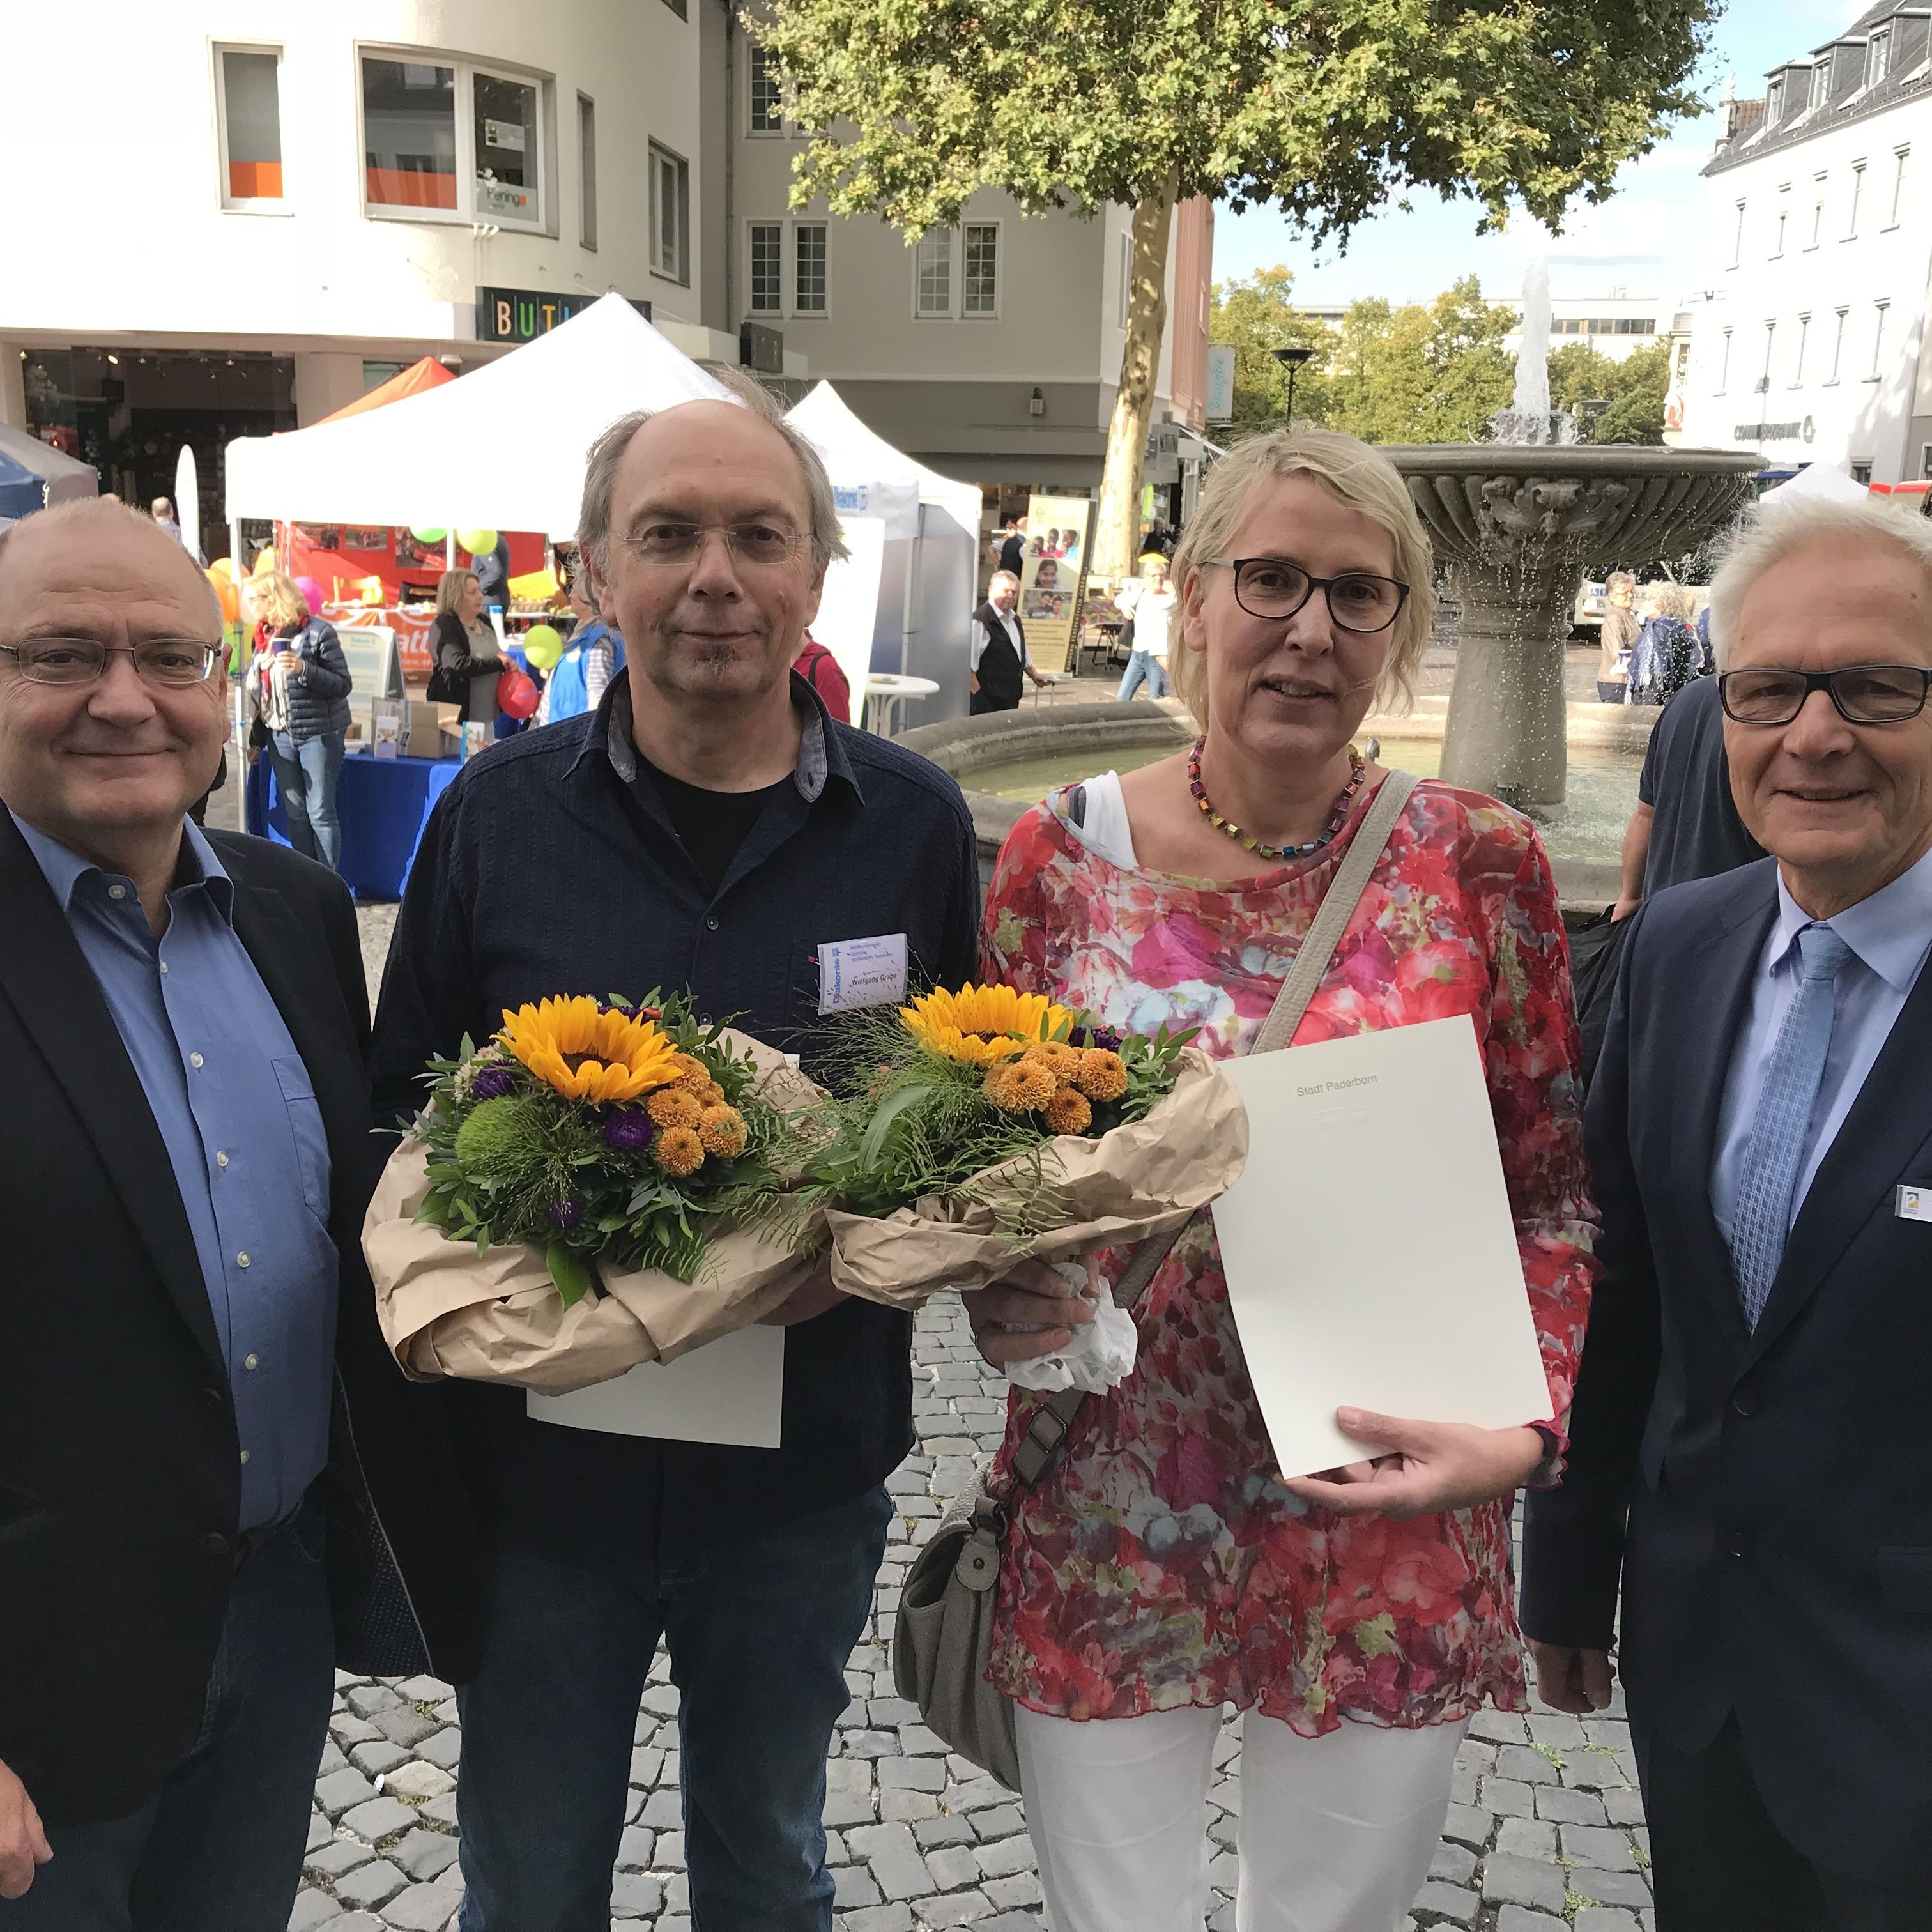 Dank an Betreuungsvereine, Diakonie zieht positive Bilanz Tag des Paderborner Ehrenamtes war ein voller Erfolg